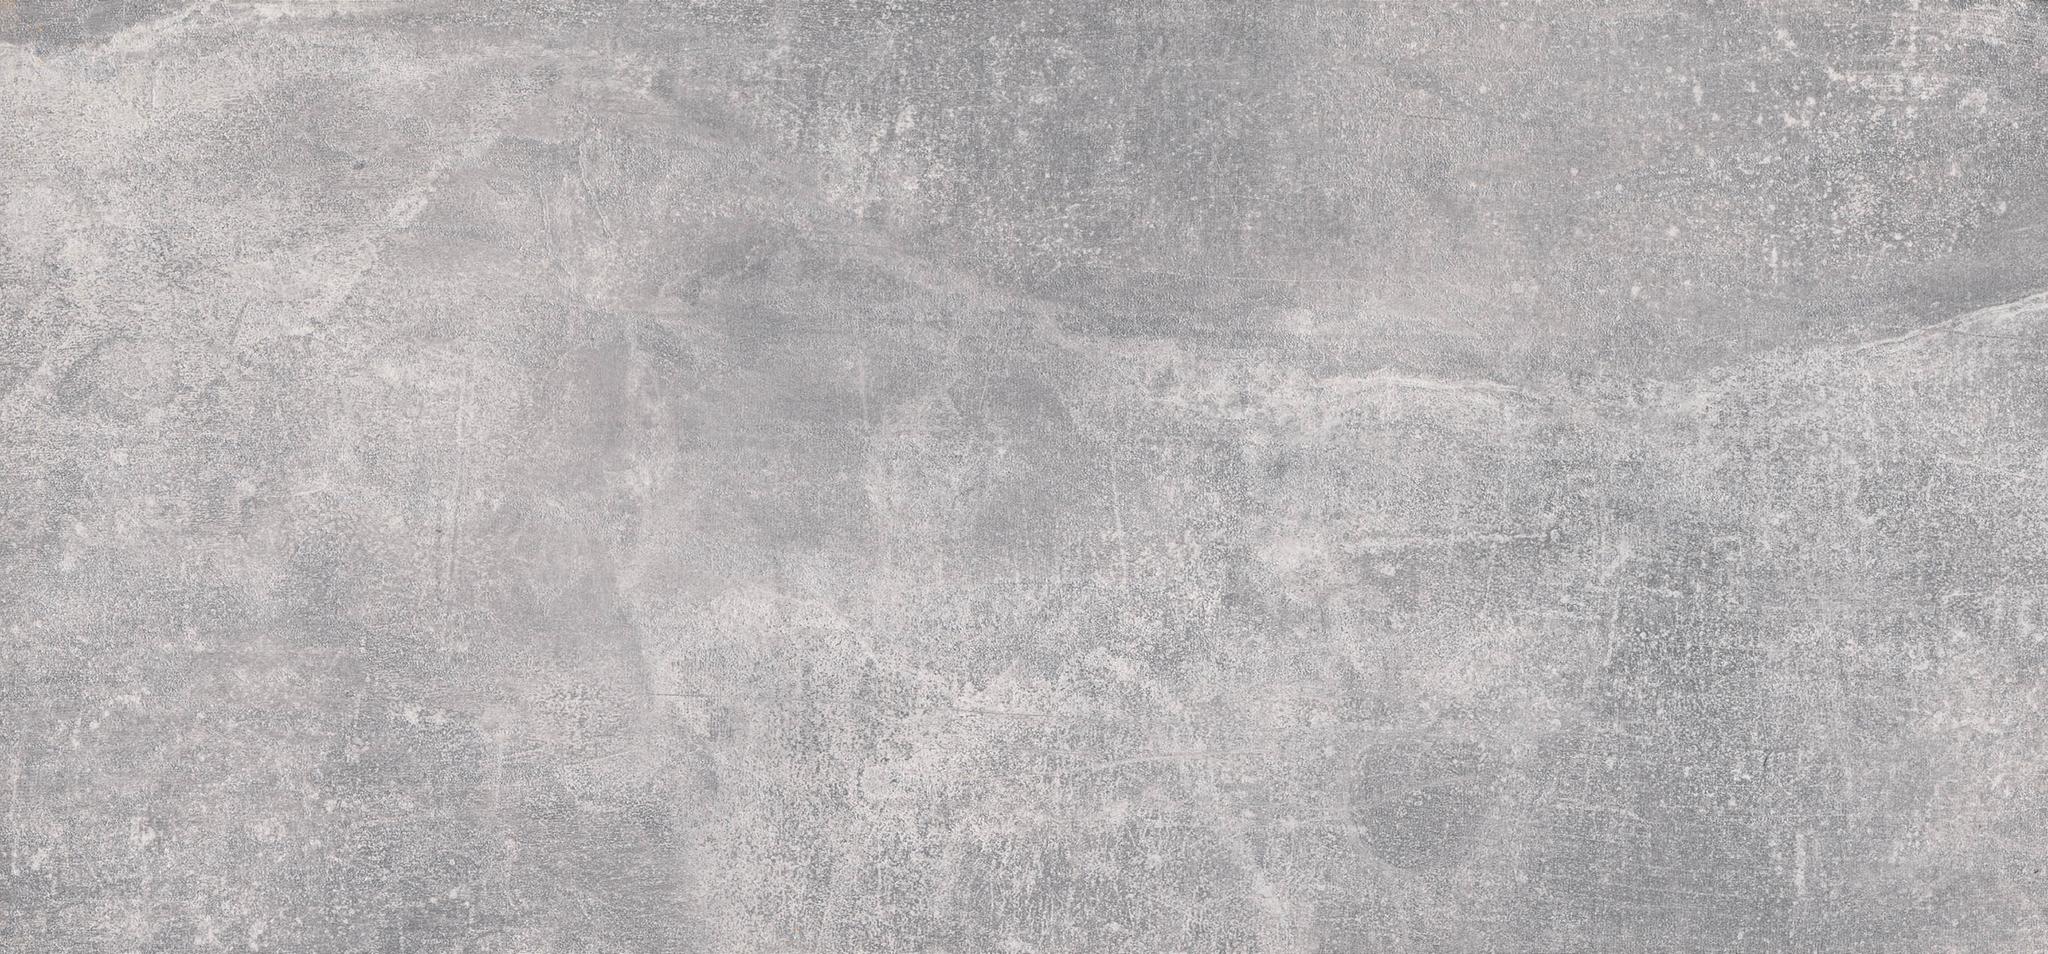 eterna Loc 8 Laminatfliese Betongrau